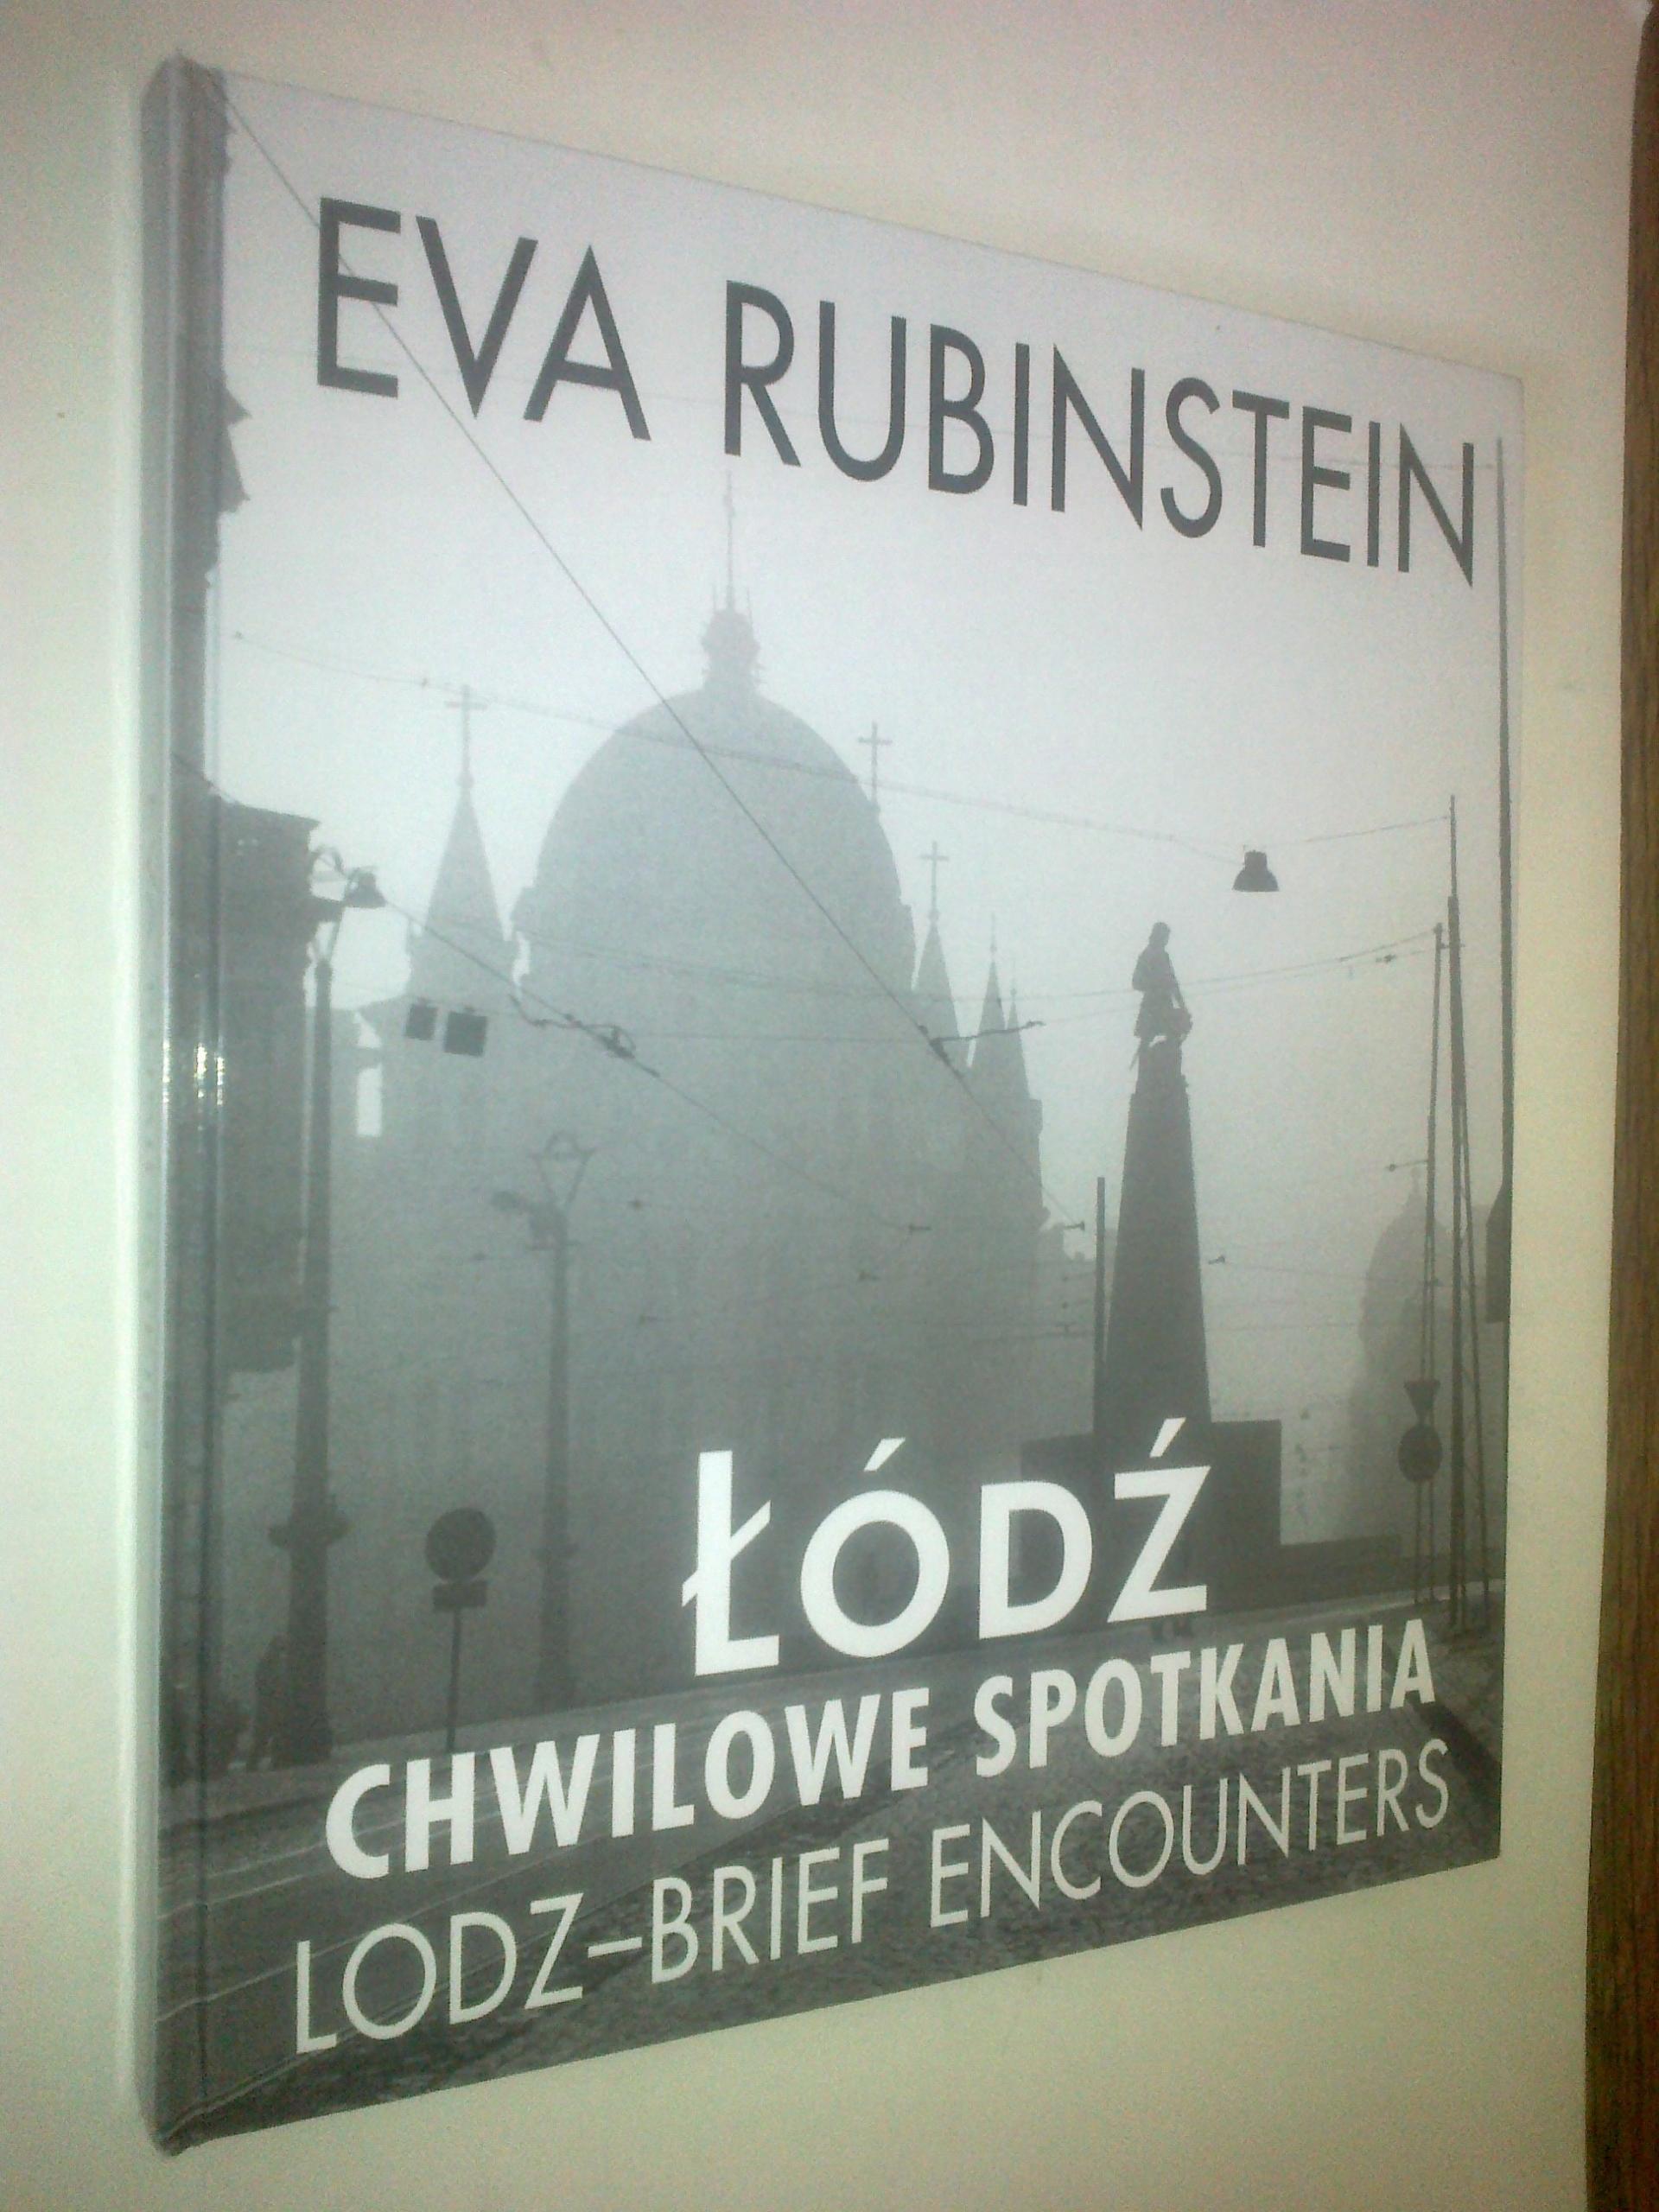 LODZ Chwilowe spotkania - Eva Rubinstein (2007) - 7602629898